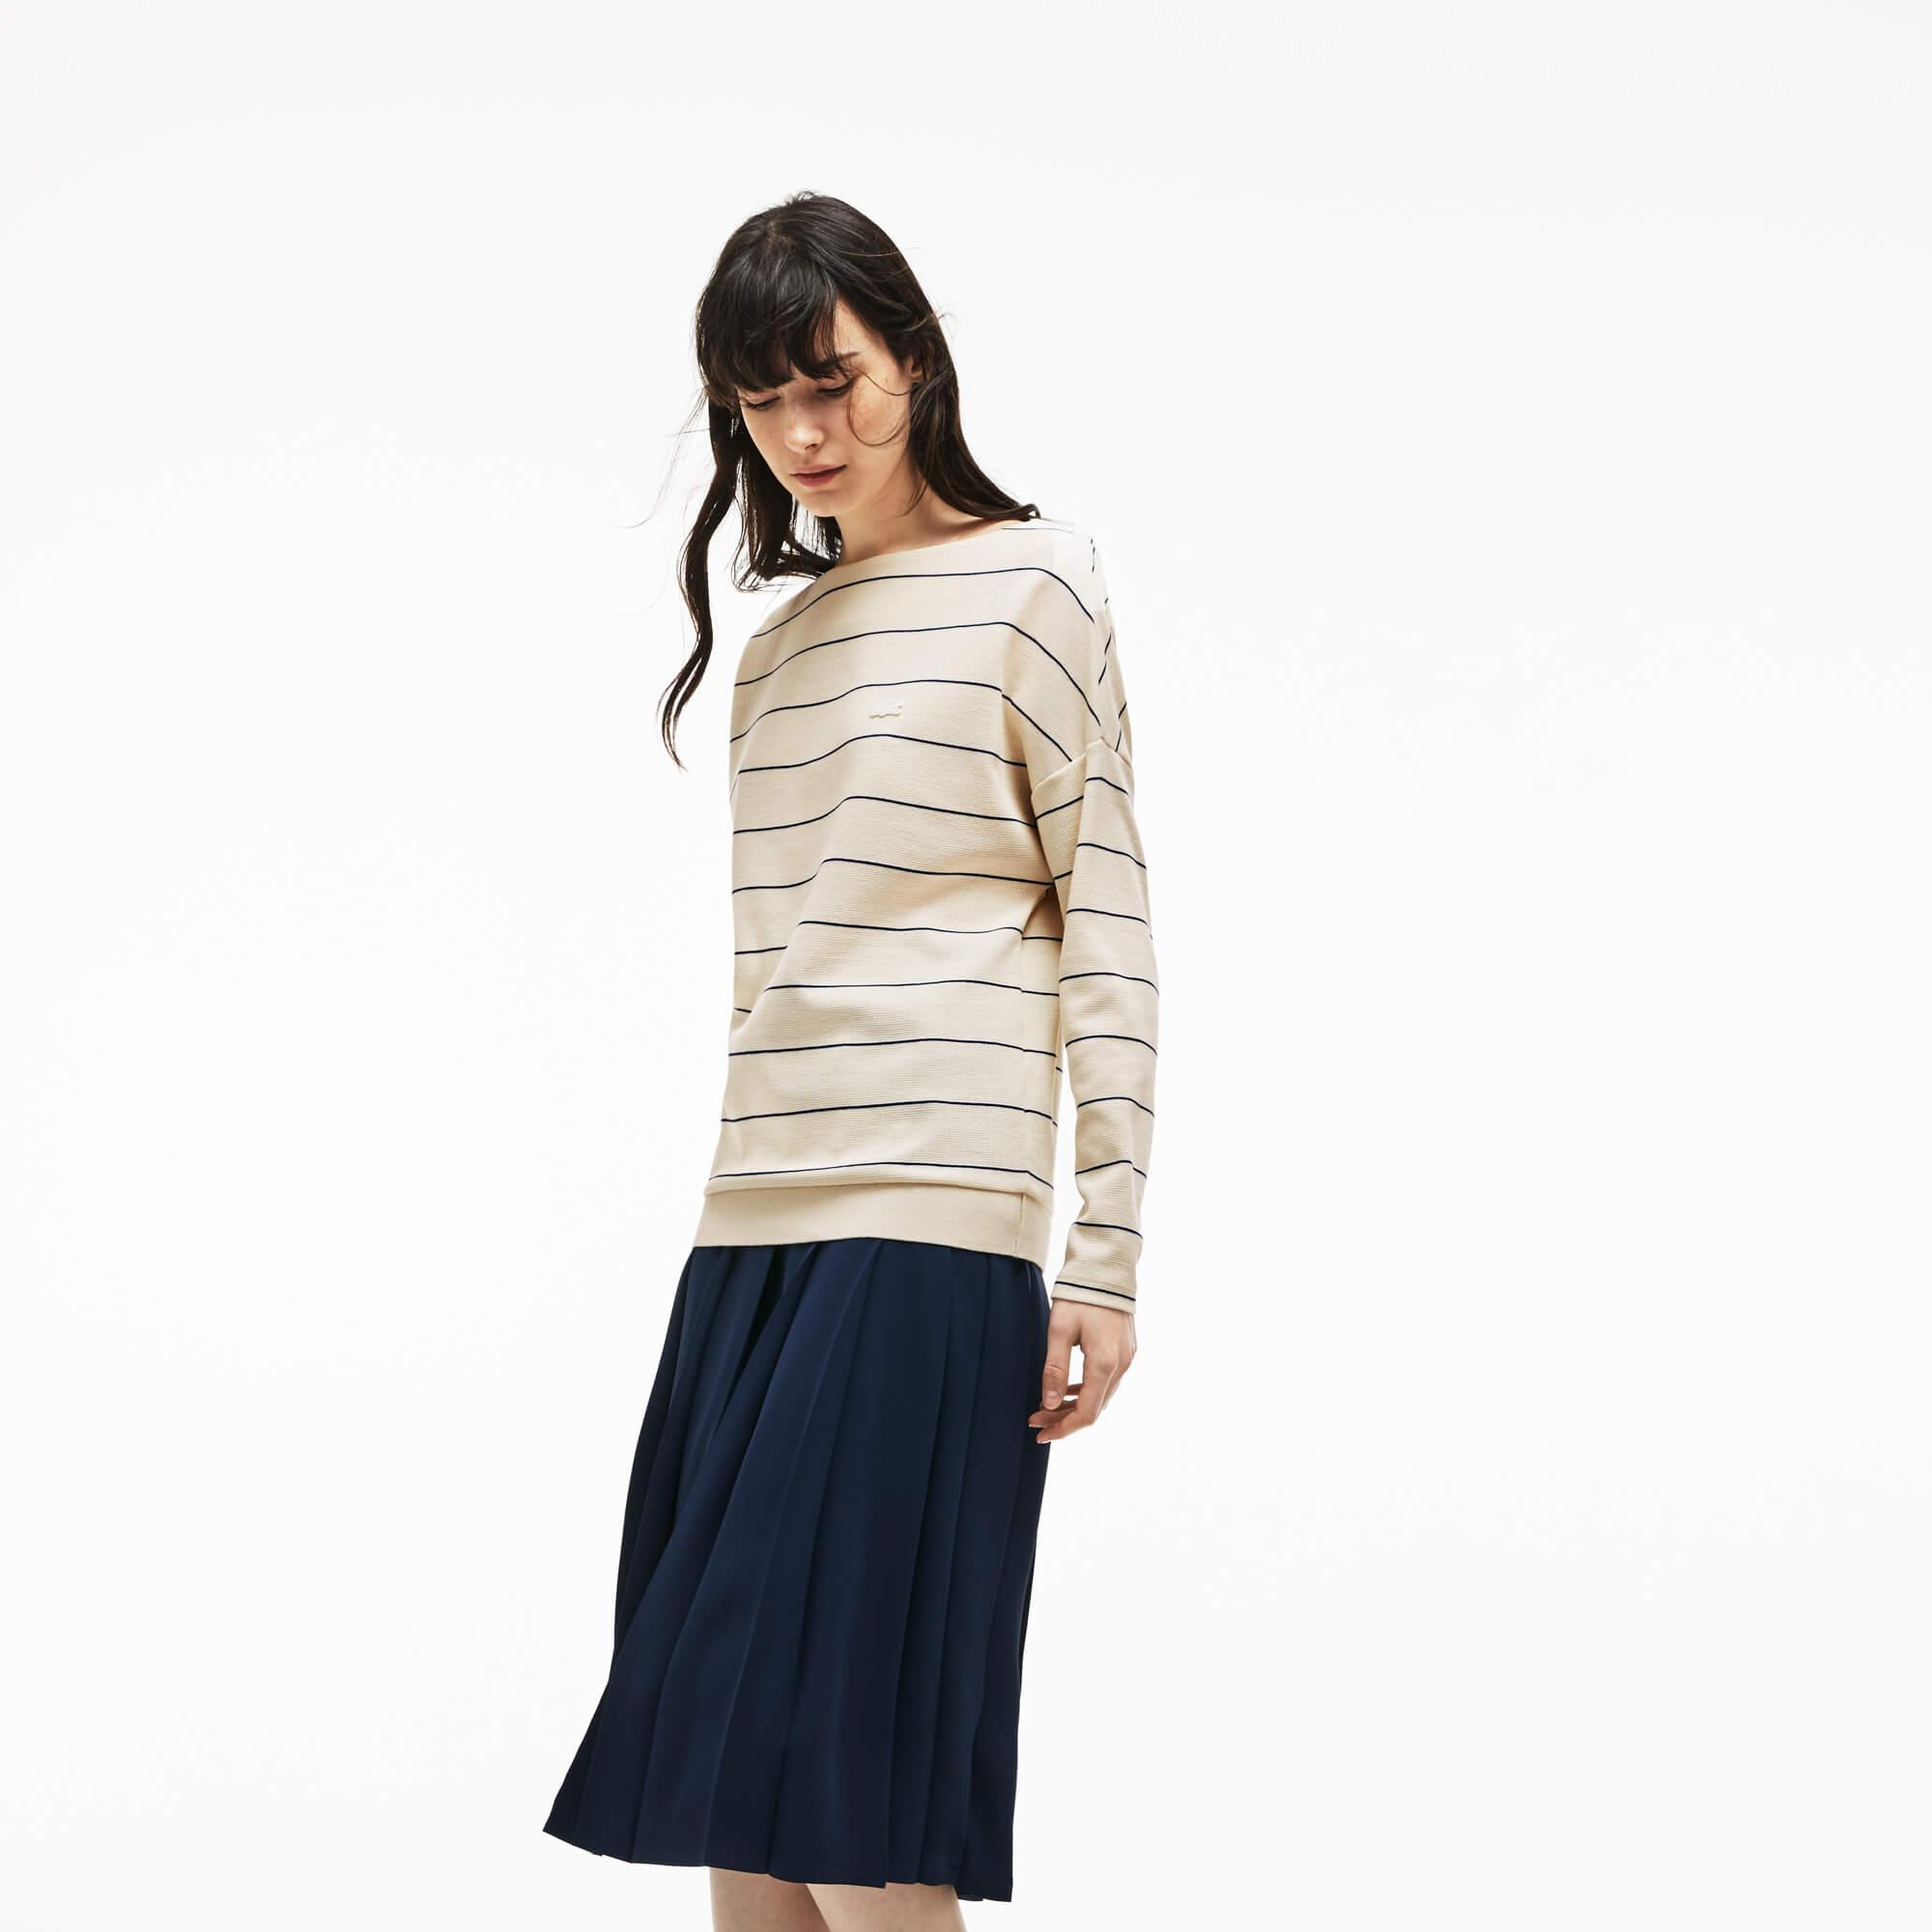 Lacoste Kadın Krem Rengi Sweatshirt